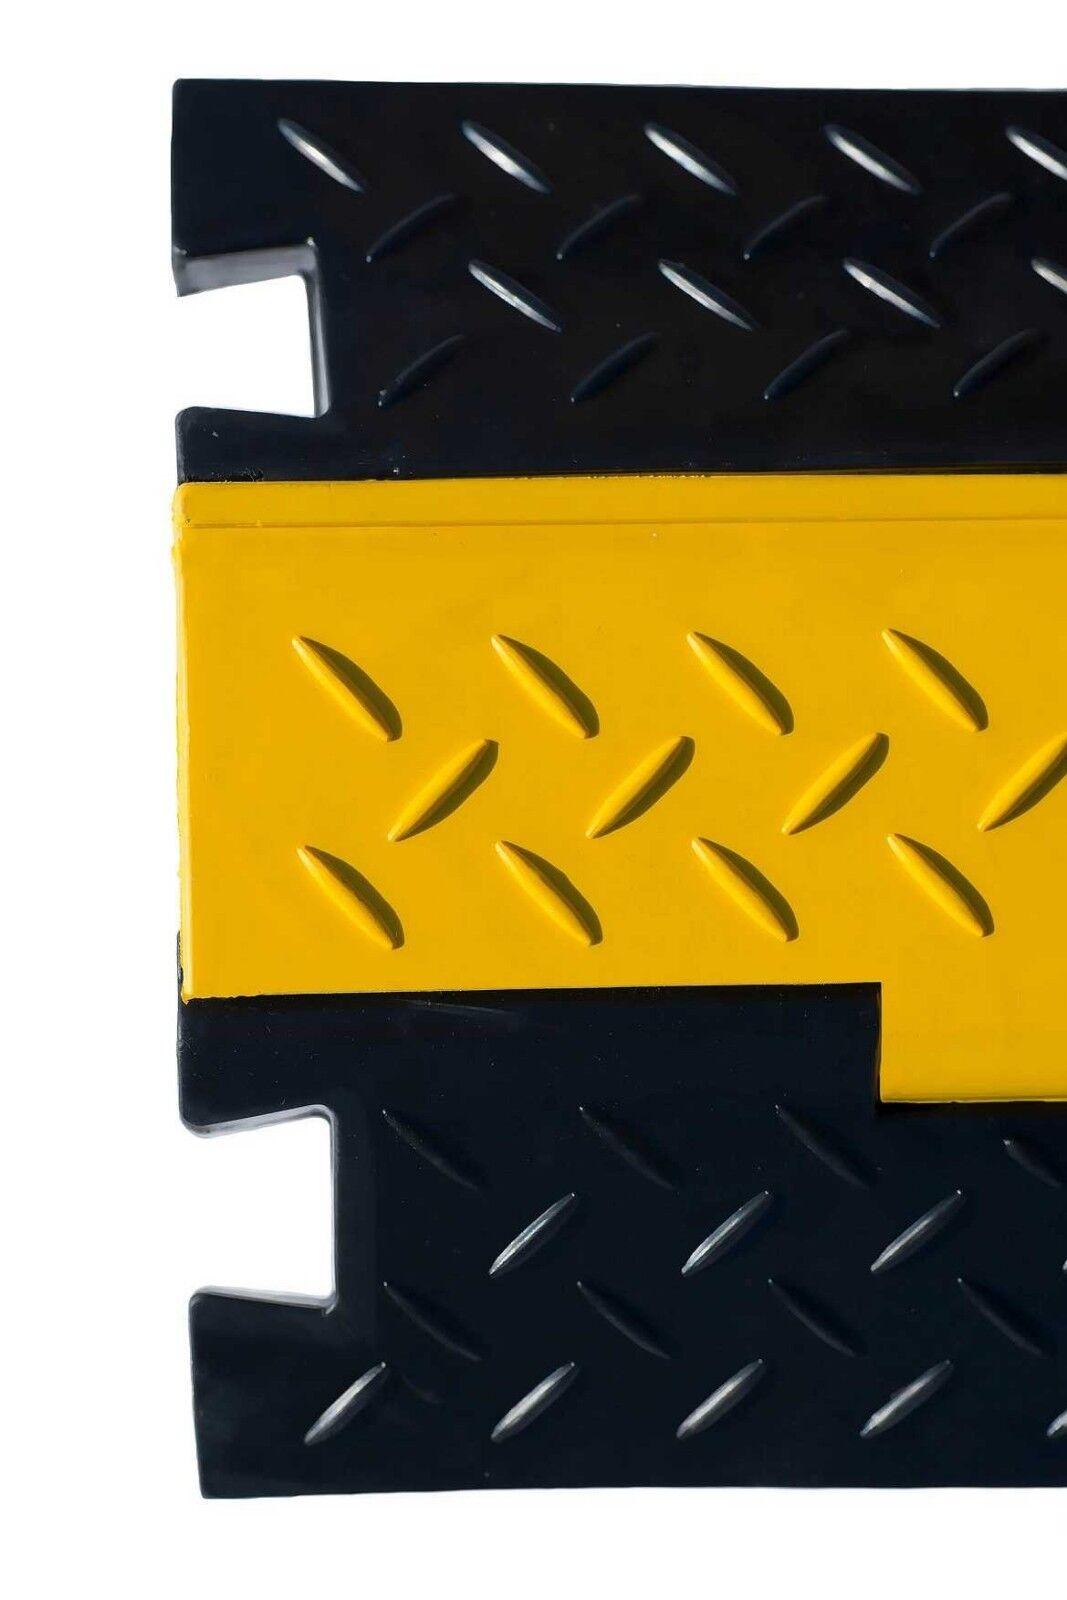 Hell 10x 2 Kanal Kabelbrücke Eco Kabelkanal Gummibrücke Cable Protector Kabelschutz Baustellengeräte & -ausrüstung Musikinstrumente